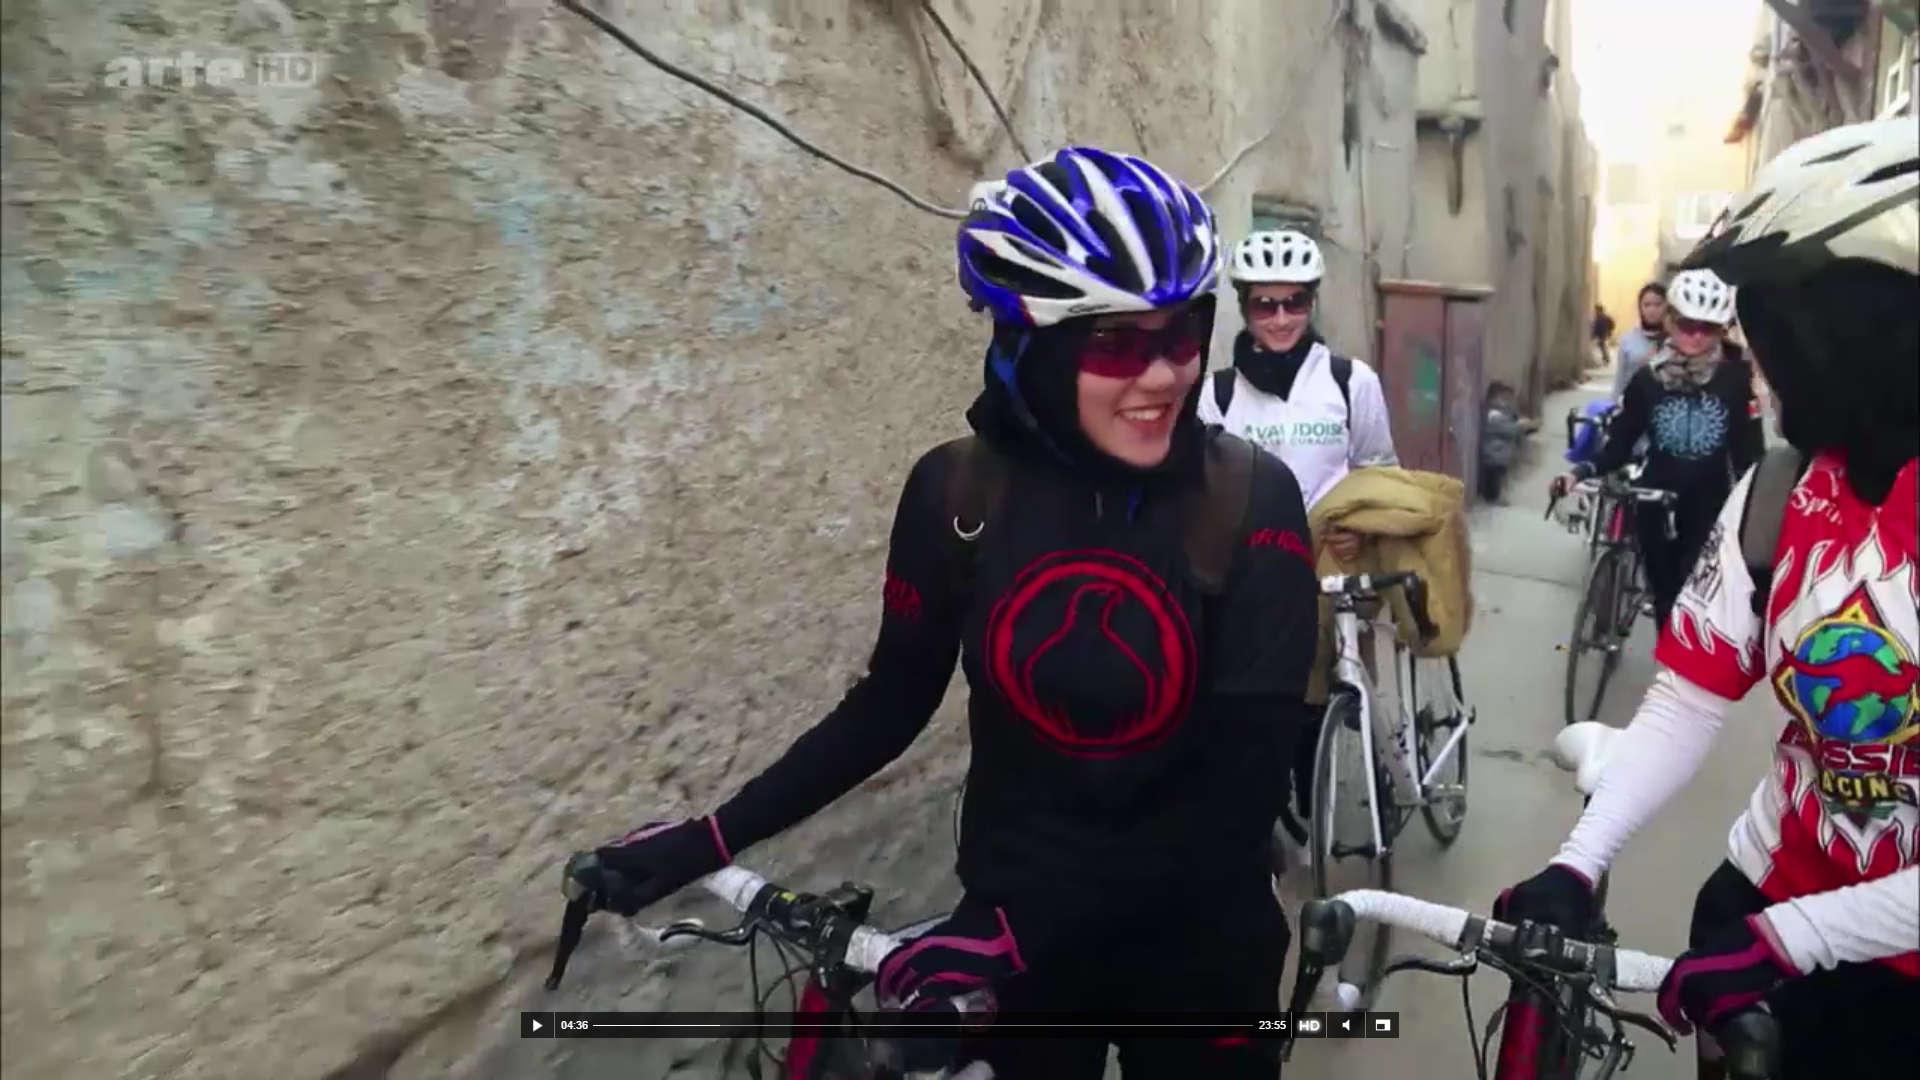 Nochesdebici 4 equipo femenino afgano de ciclismo for Equipos de ciclismo